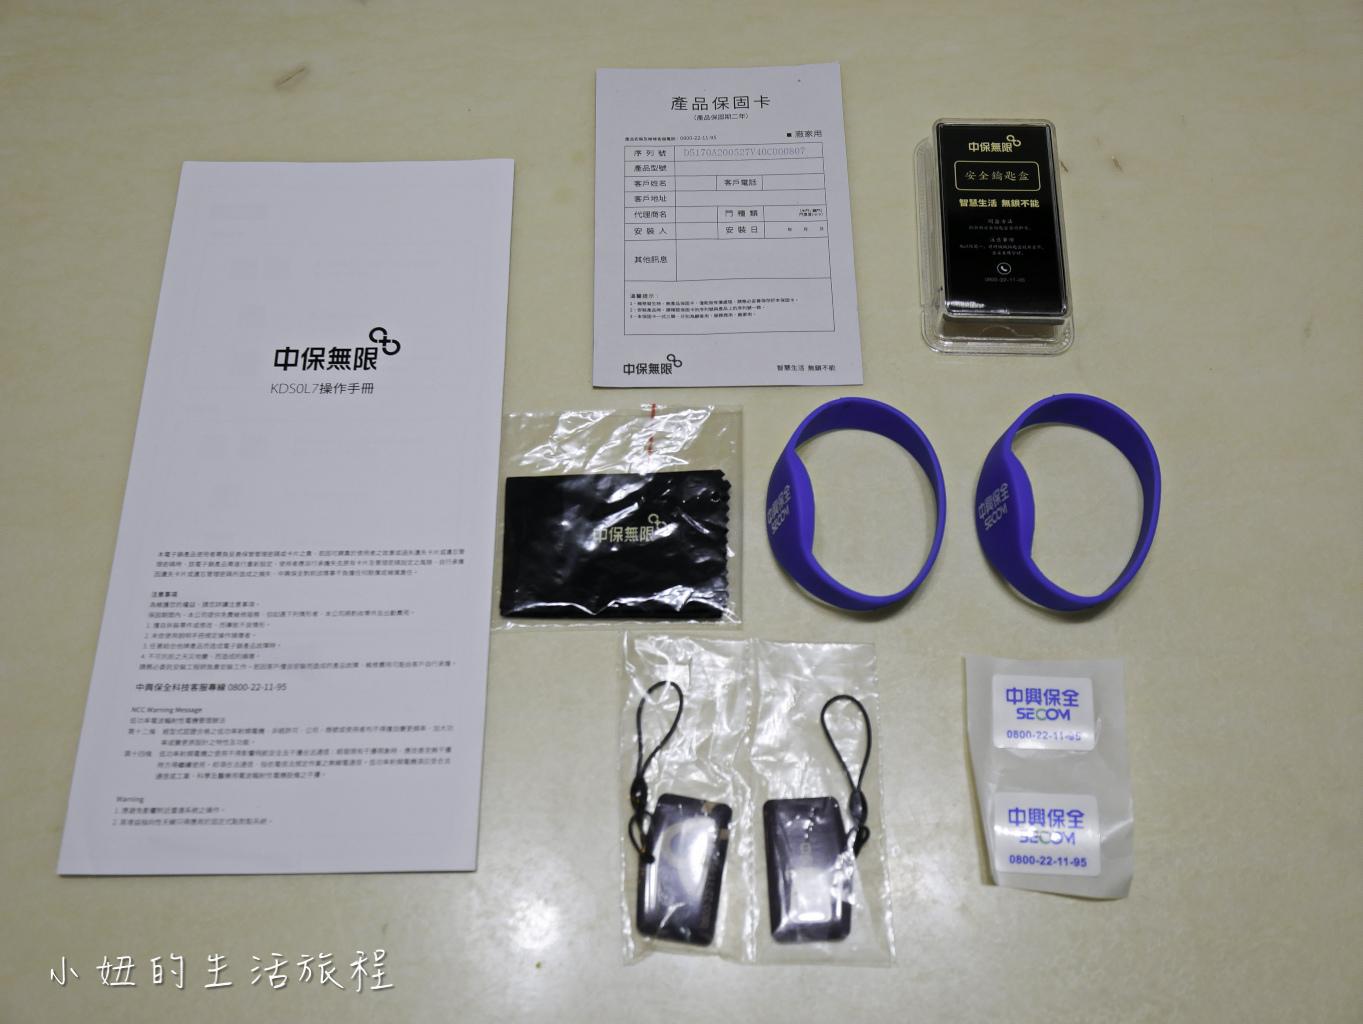 中興保全電子鎖,指紋鎖-12.jpg